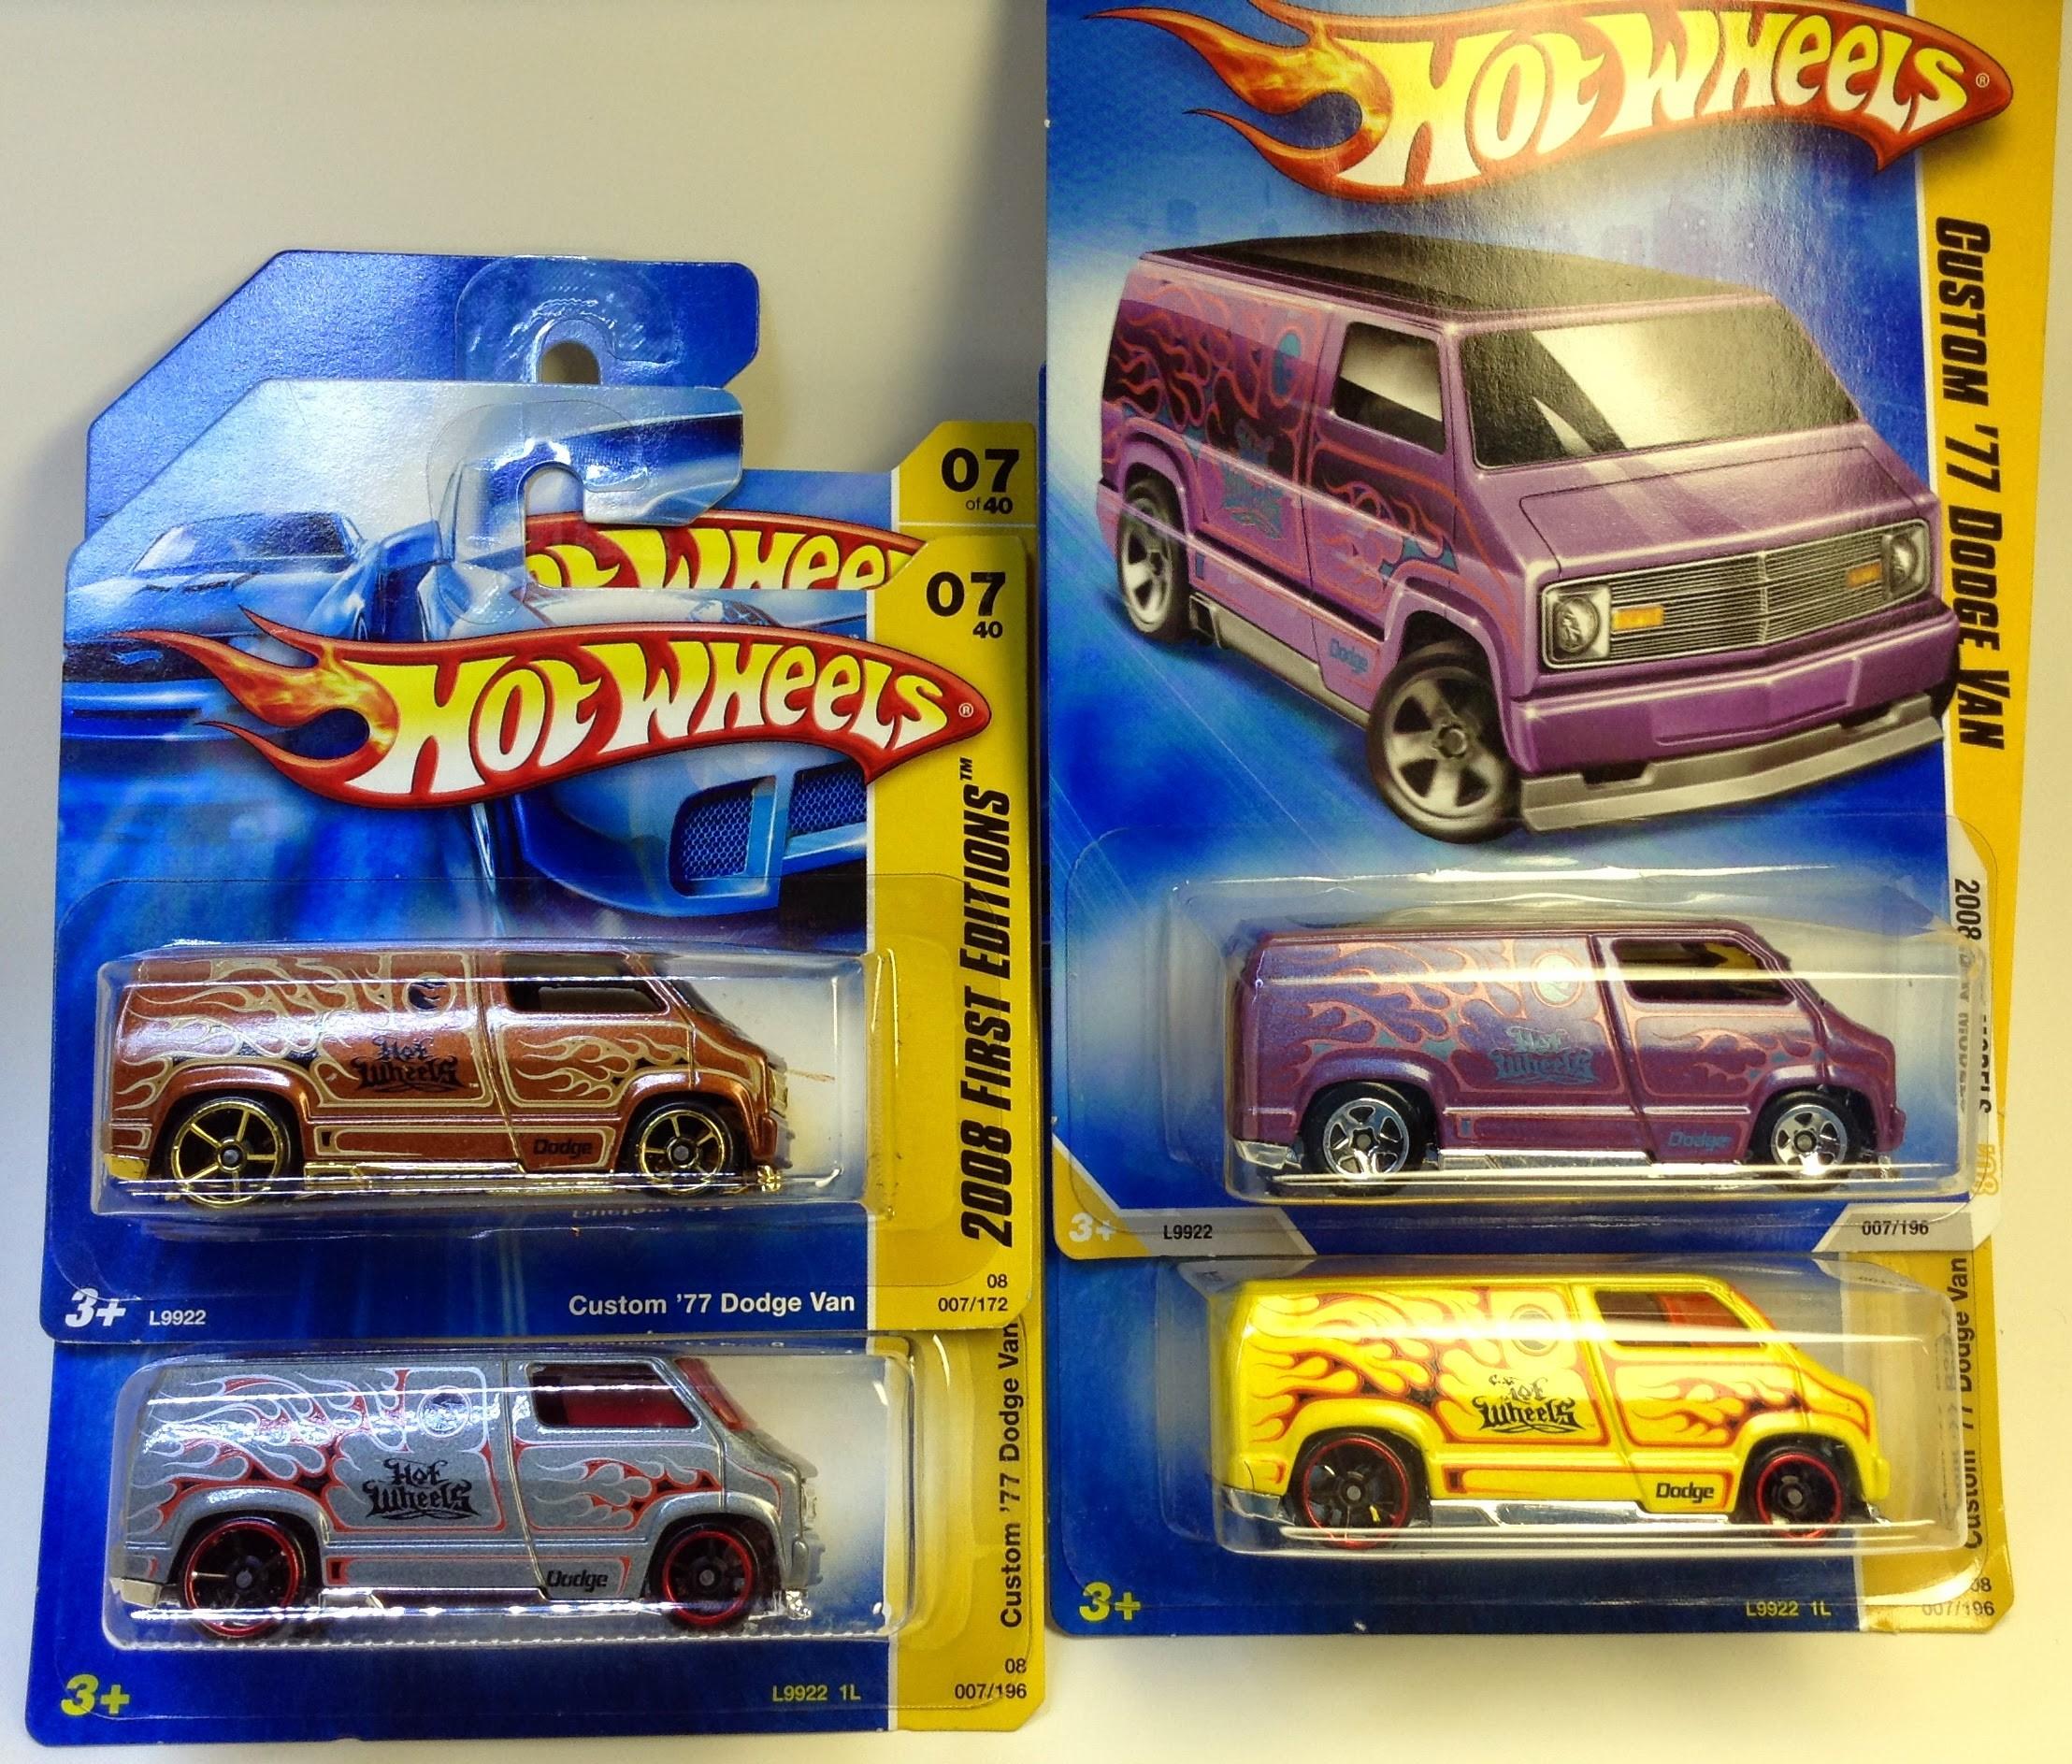 Custom 77 Dodge Van Variations.jpg